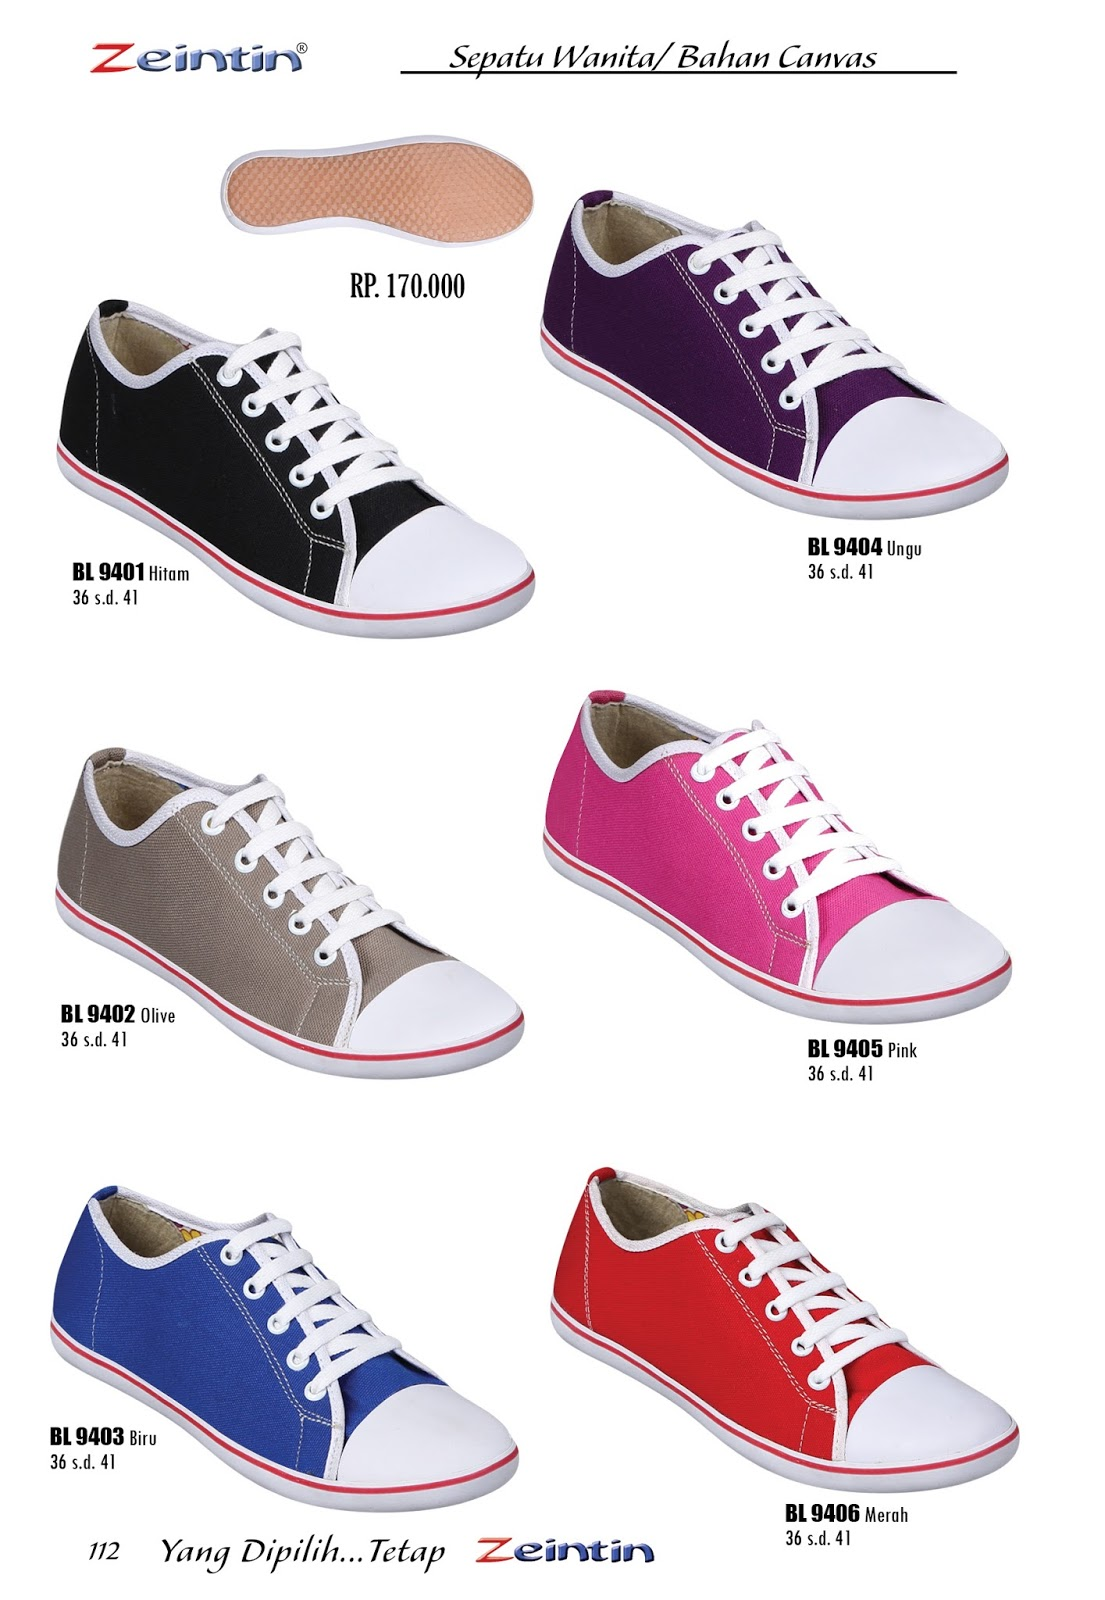 TasampSepatu Model Sepatu Olah Raga Wanita